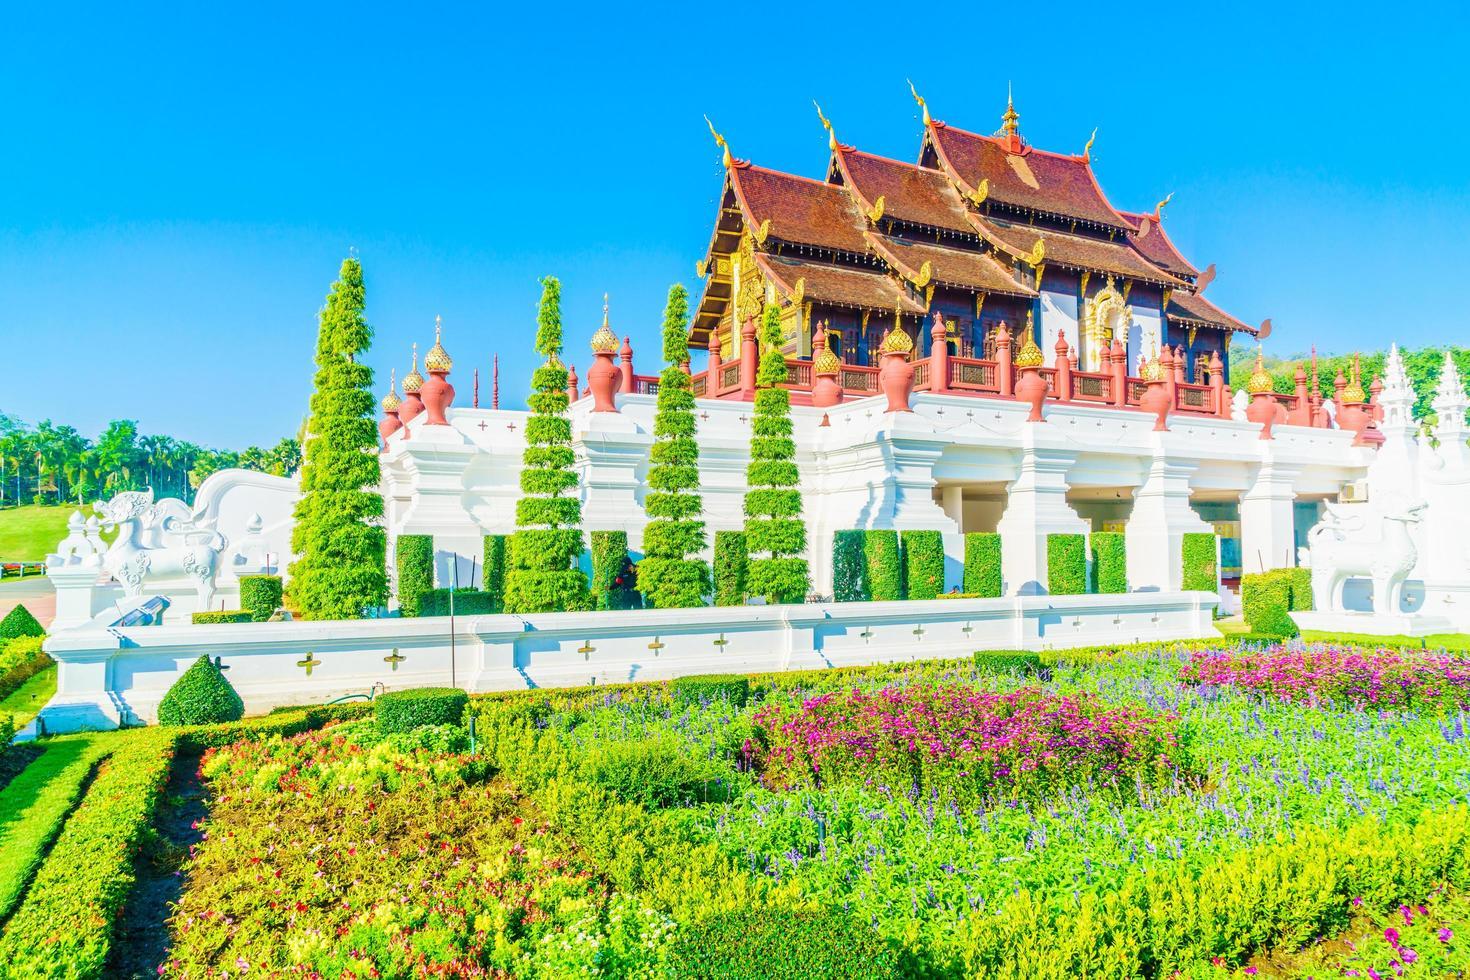 königlicher pavillon in chaing mai, thailand foto